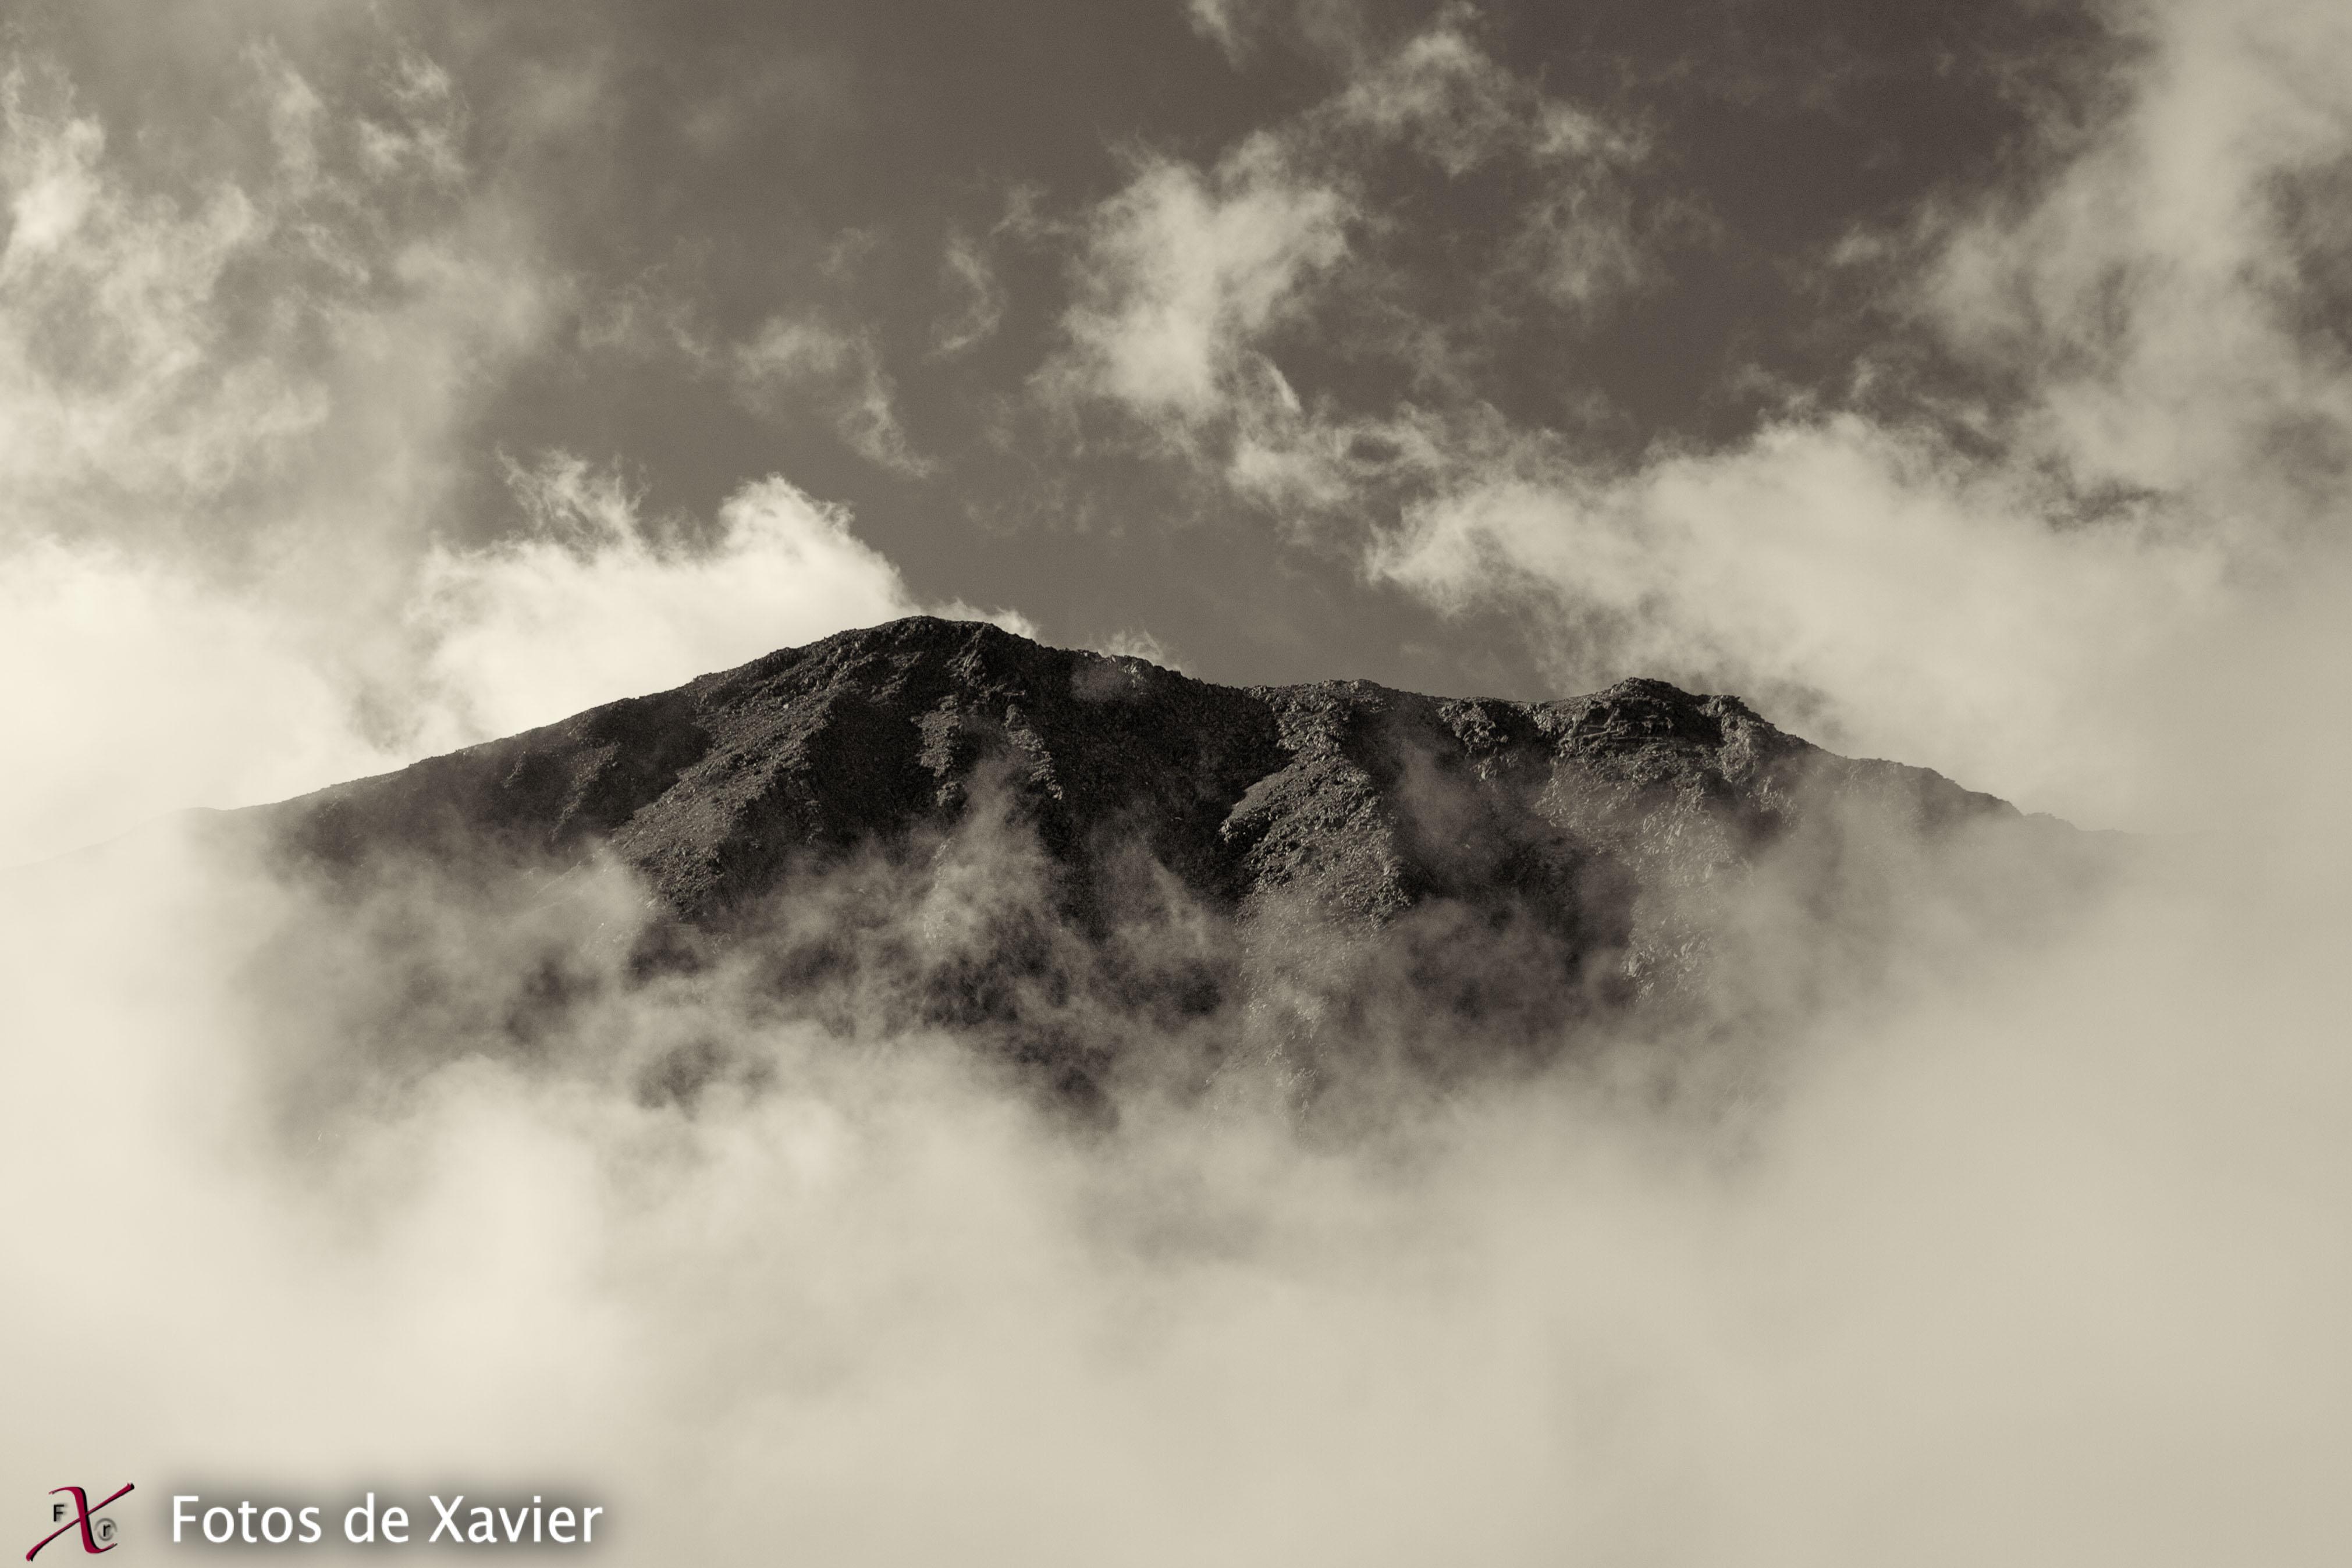 Entre algodones - Blanco y negro - Fotos de Xavier. Fotografia de naturaleza y paisaje en blanco y negro. Xavier Linares